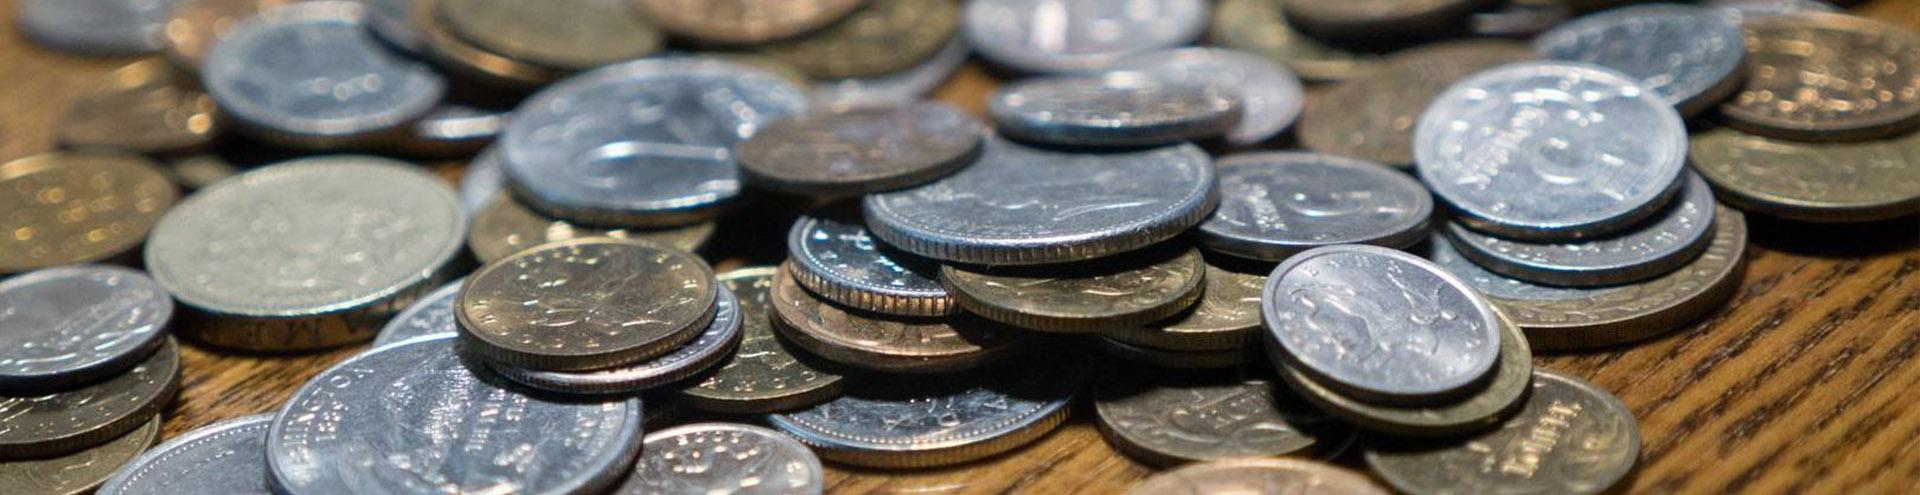 судебное взыскание долгов в Самаре